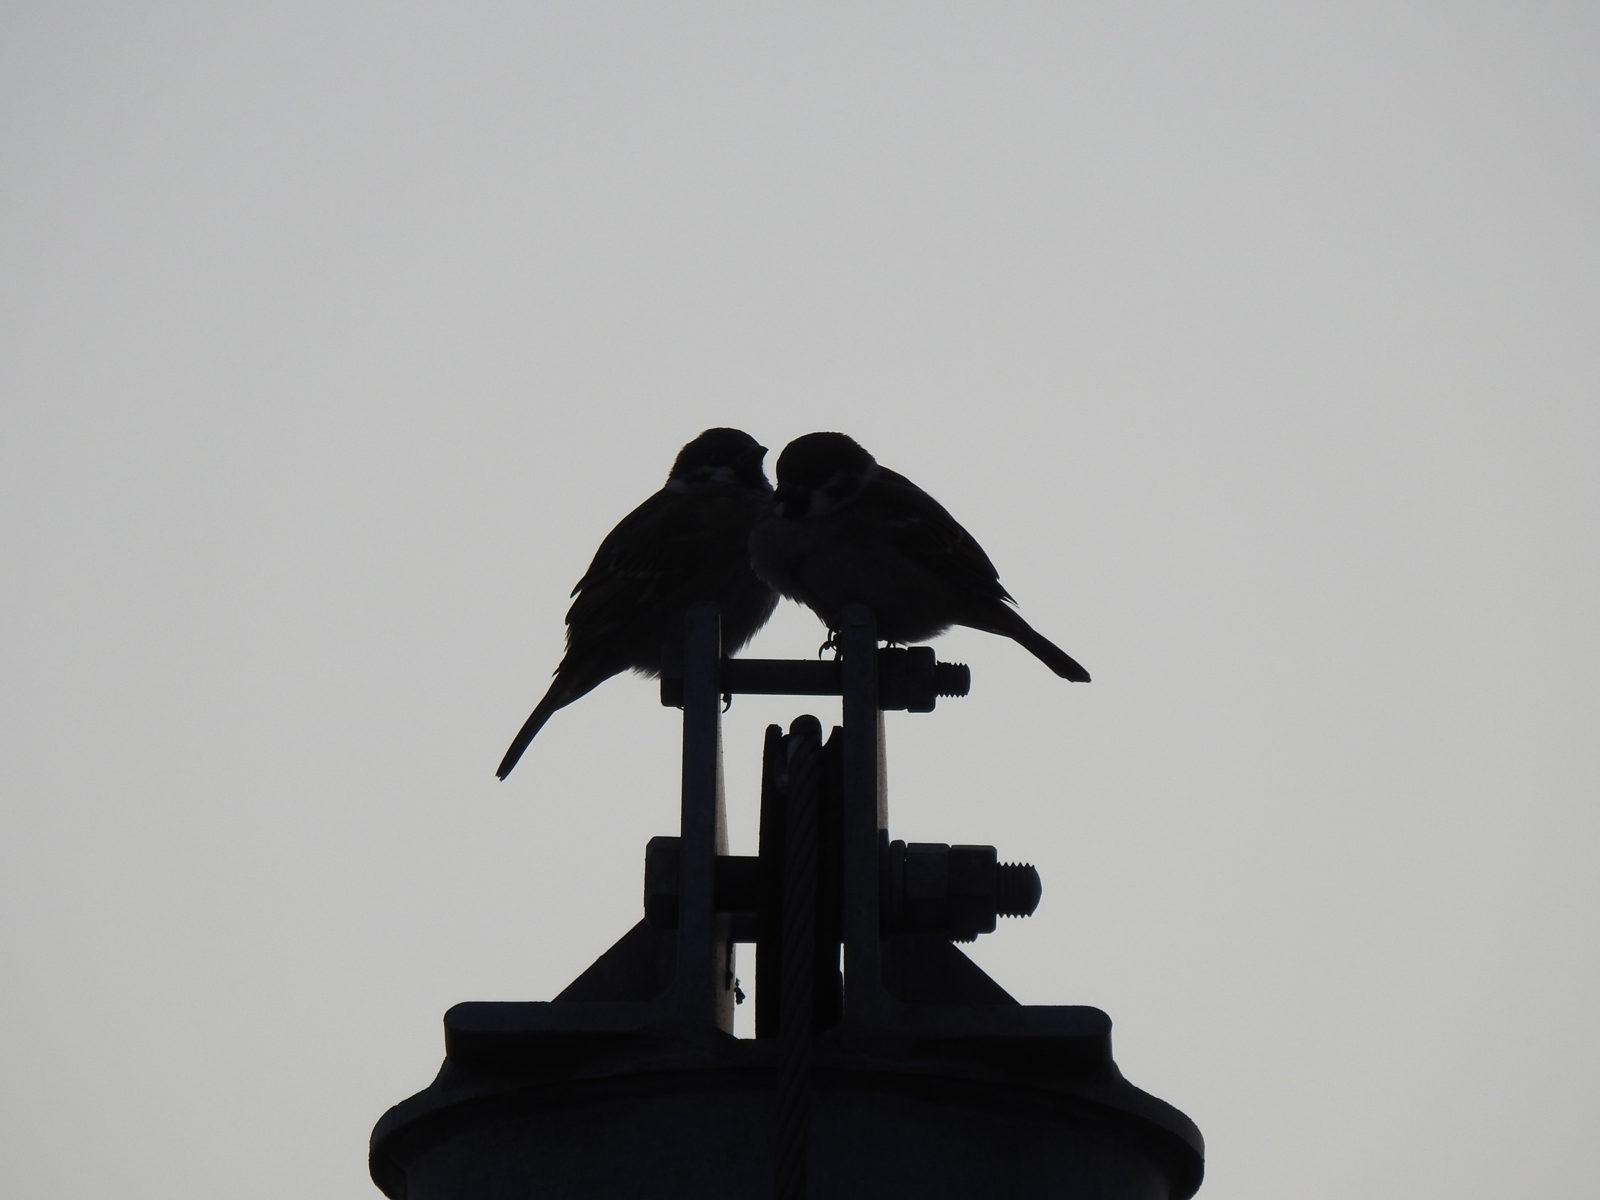 スズメ2羽